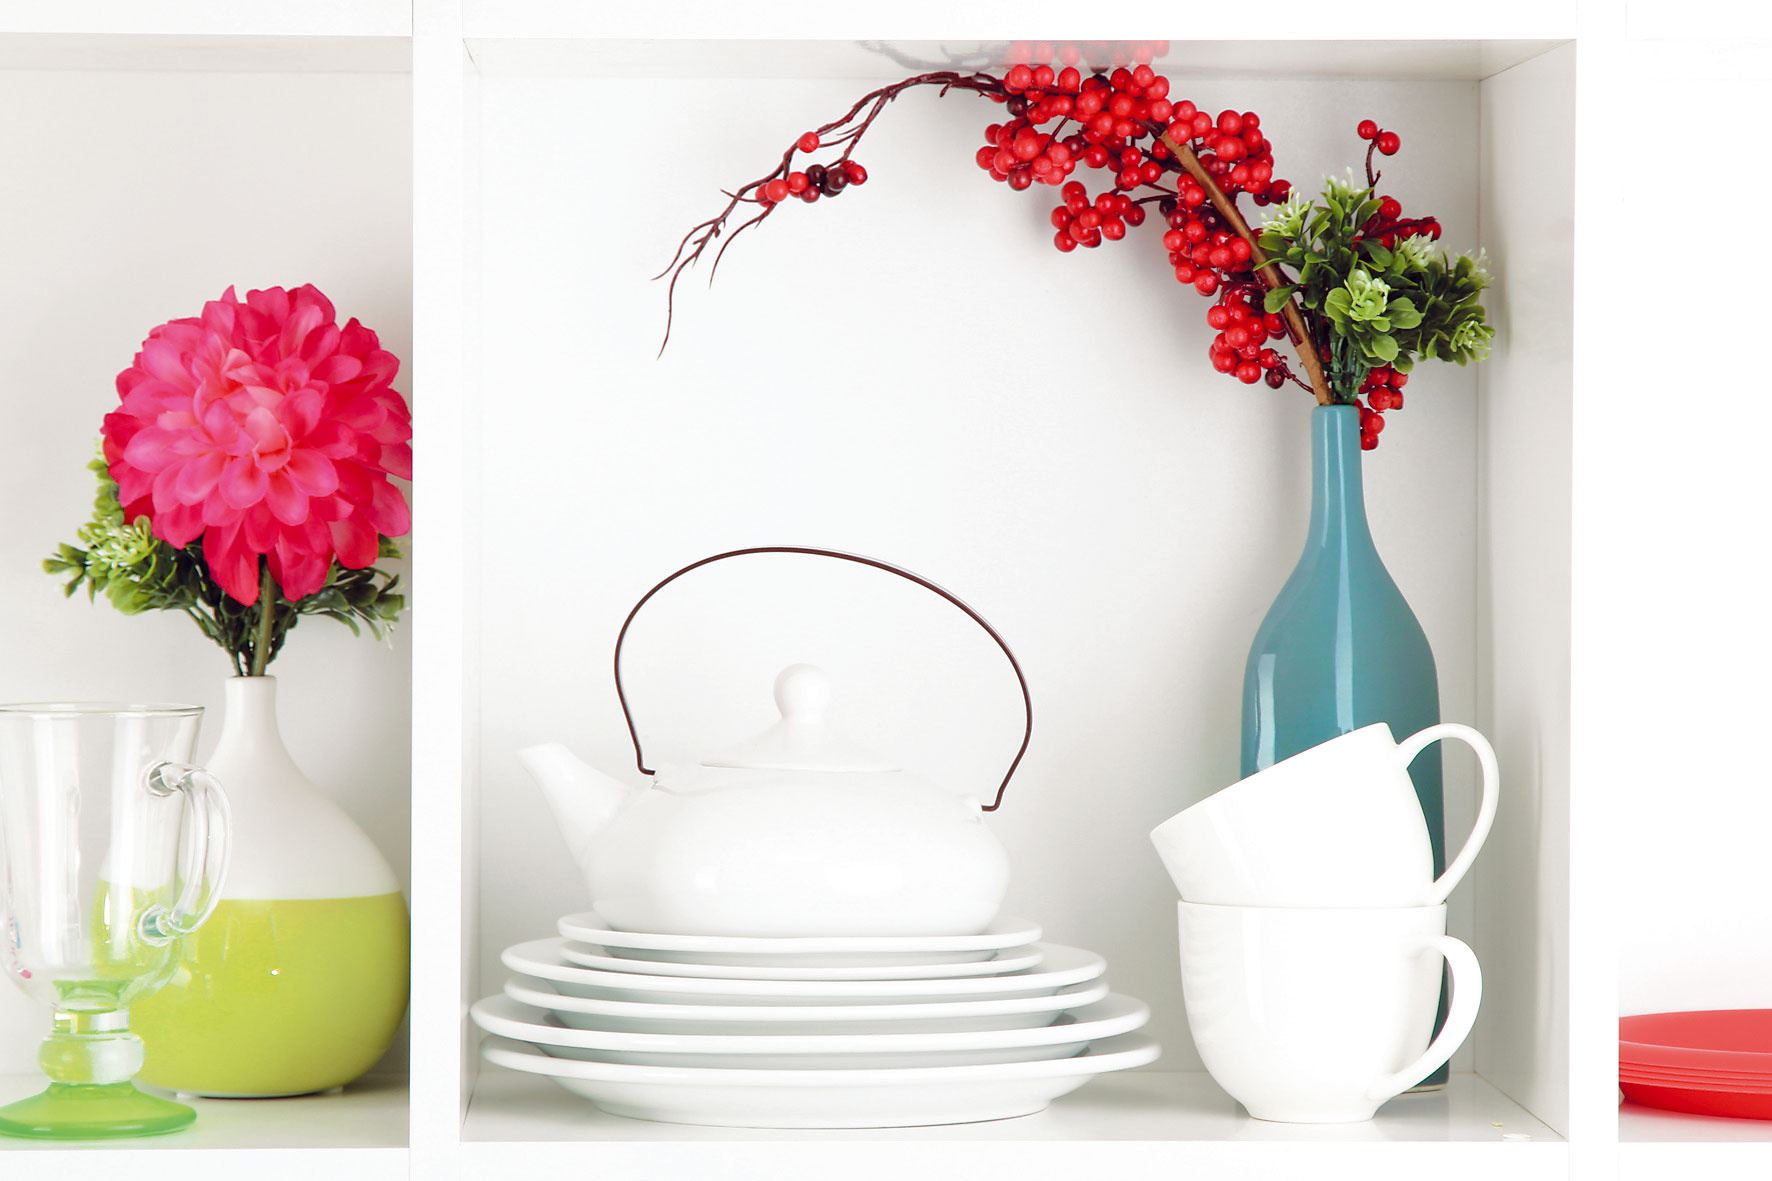 4 SVIEŽI VZHĽAD  Ten dodajú kuchyni otvorené biele police. Ak je na vás neutrálnej bielej priveľa, kde-tu vložte k riadom vázičky skvetinami či prírodnými aranžmánmi. Iným variantom je prilepiť na zadnú stenu políc tapetu alebo vložiť obrázok so zaujímavým motívom.